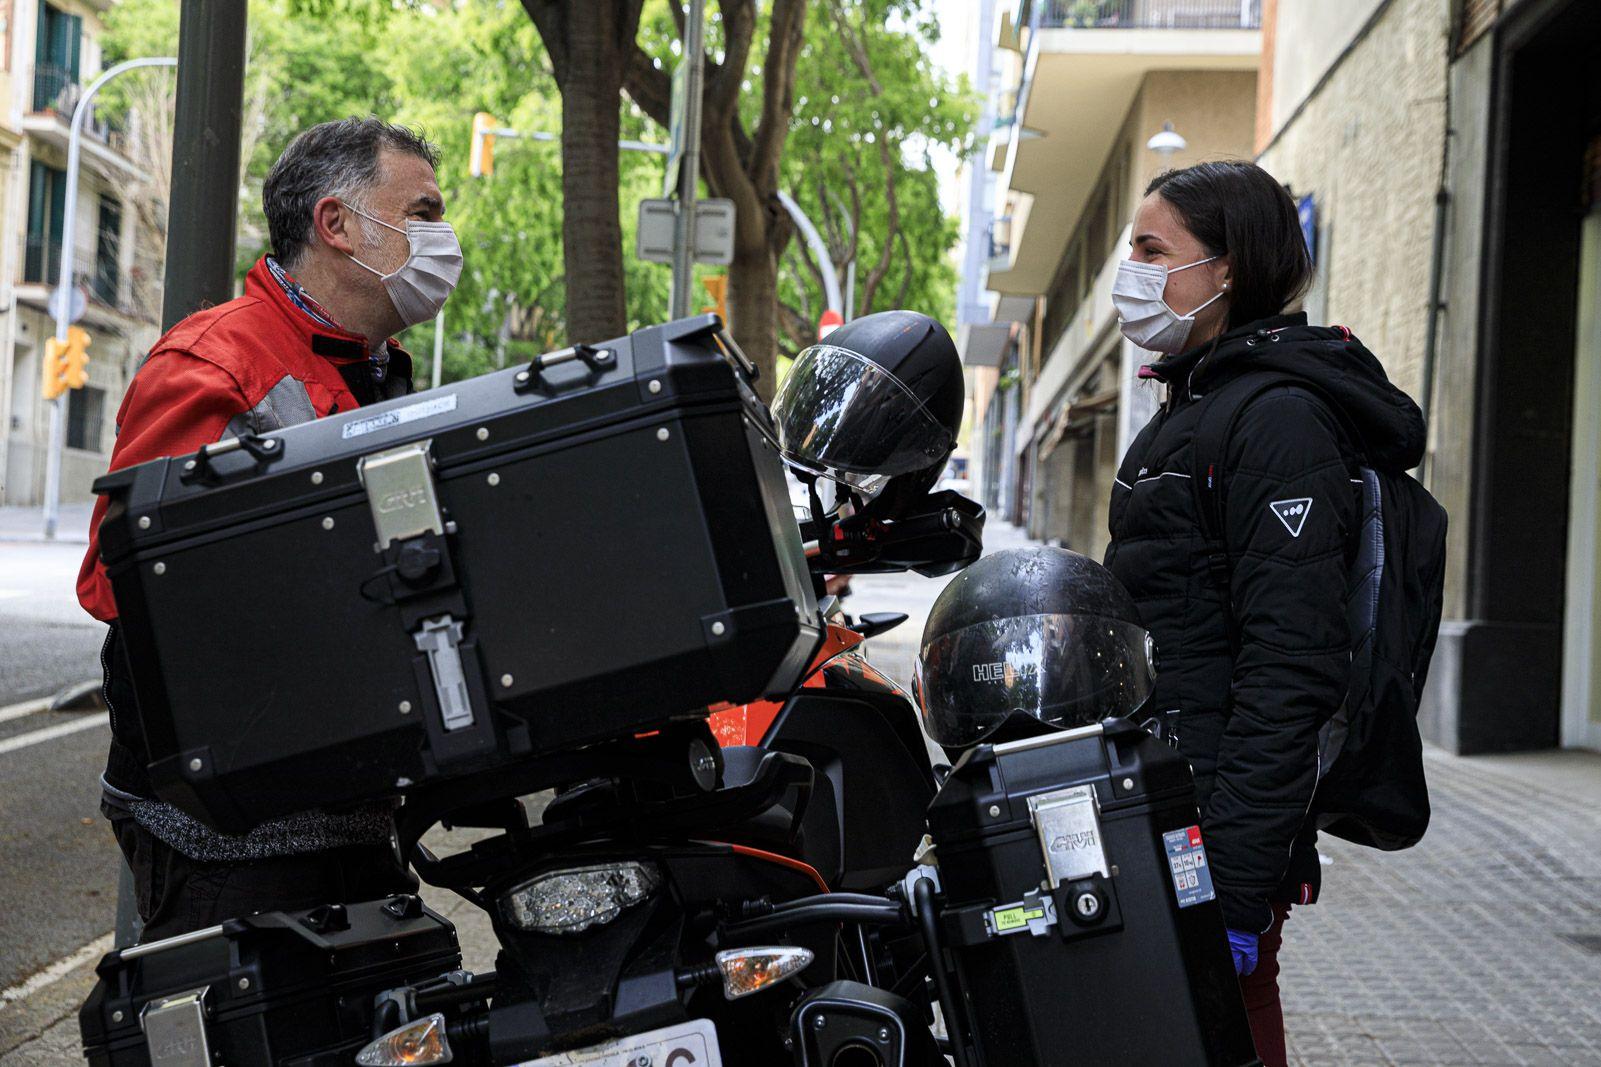 L'Anton i la seva filla esperen els encarrecs per lliurar amb la moto